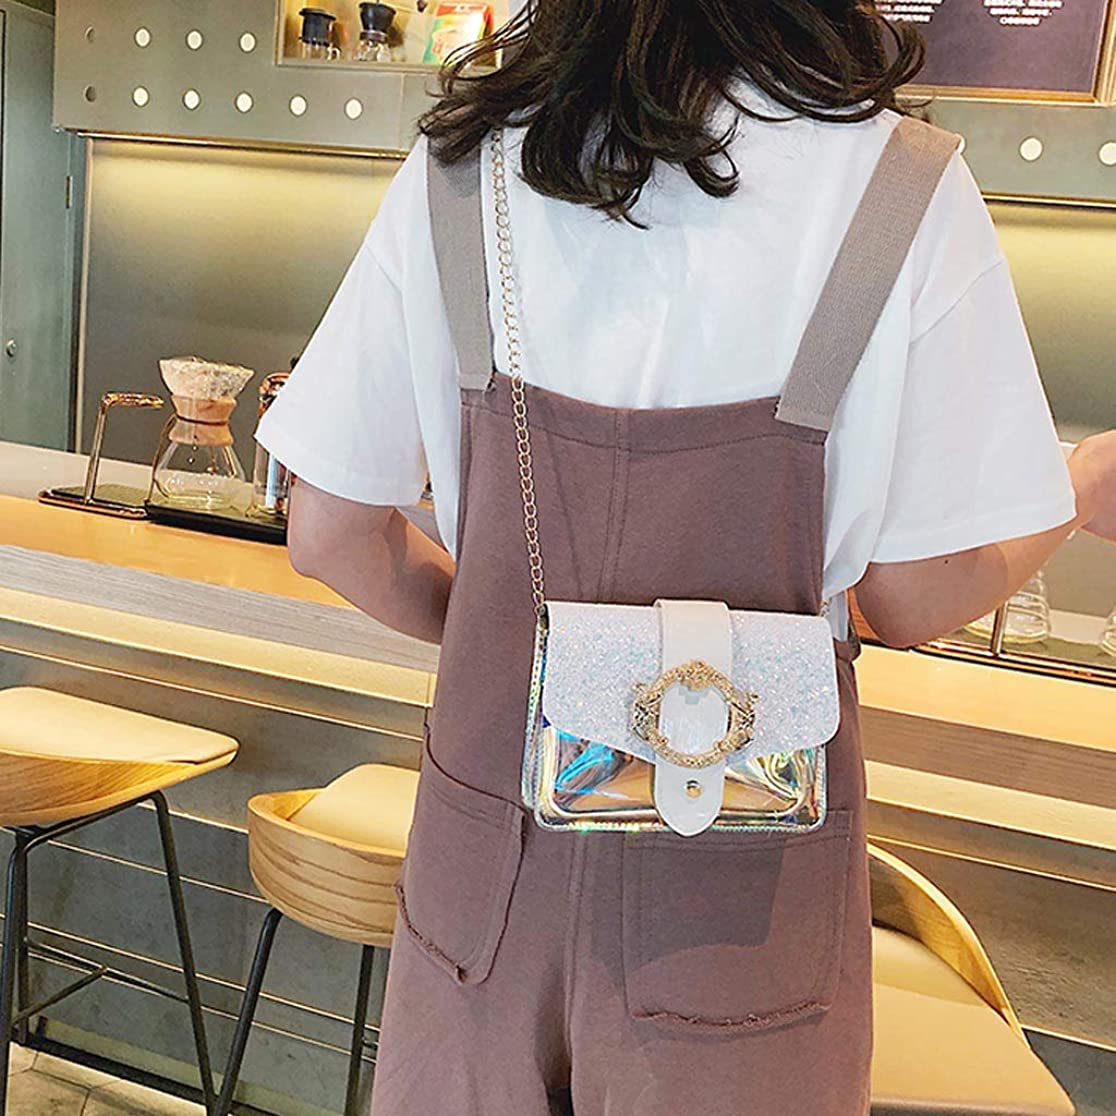 従来の層信頼できる新しい女性のファッションコントラストカラー対角パッケージスパンコールショルダーバッグチェーンバッグ、女性のファッションスパンコールコントラストカラーショルダーバッグチェーンバッグ、ワイルドショルダーバッグチェーンバッグ (白)